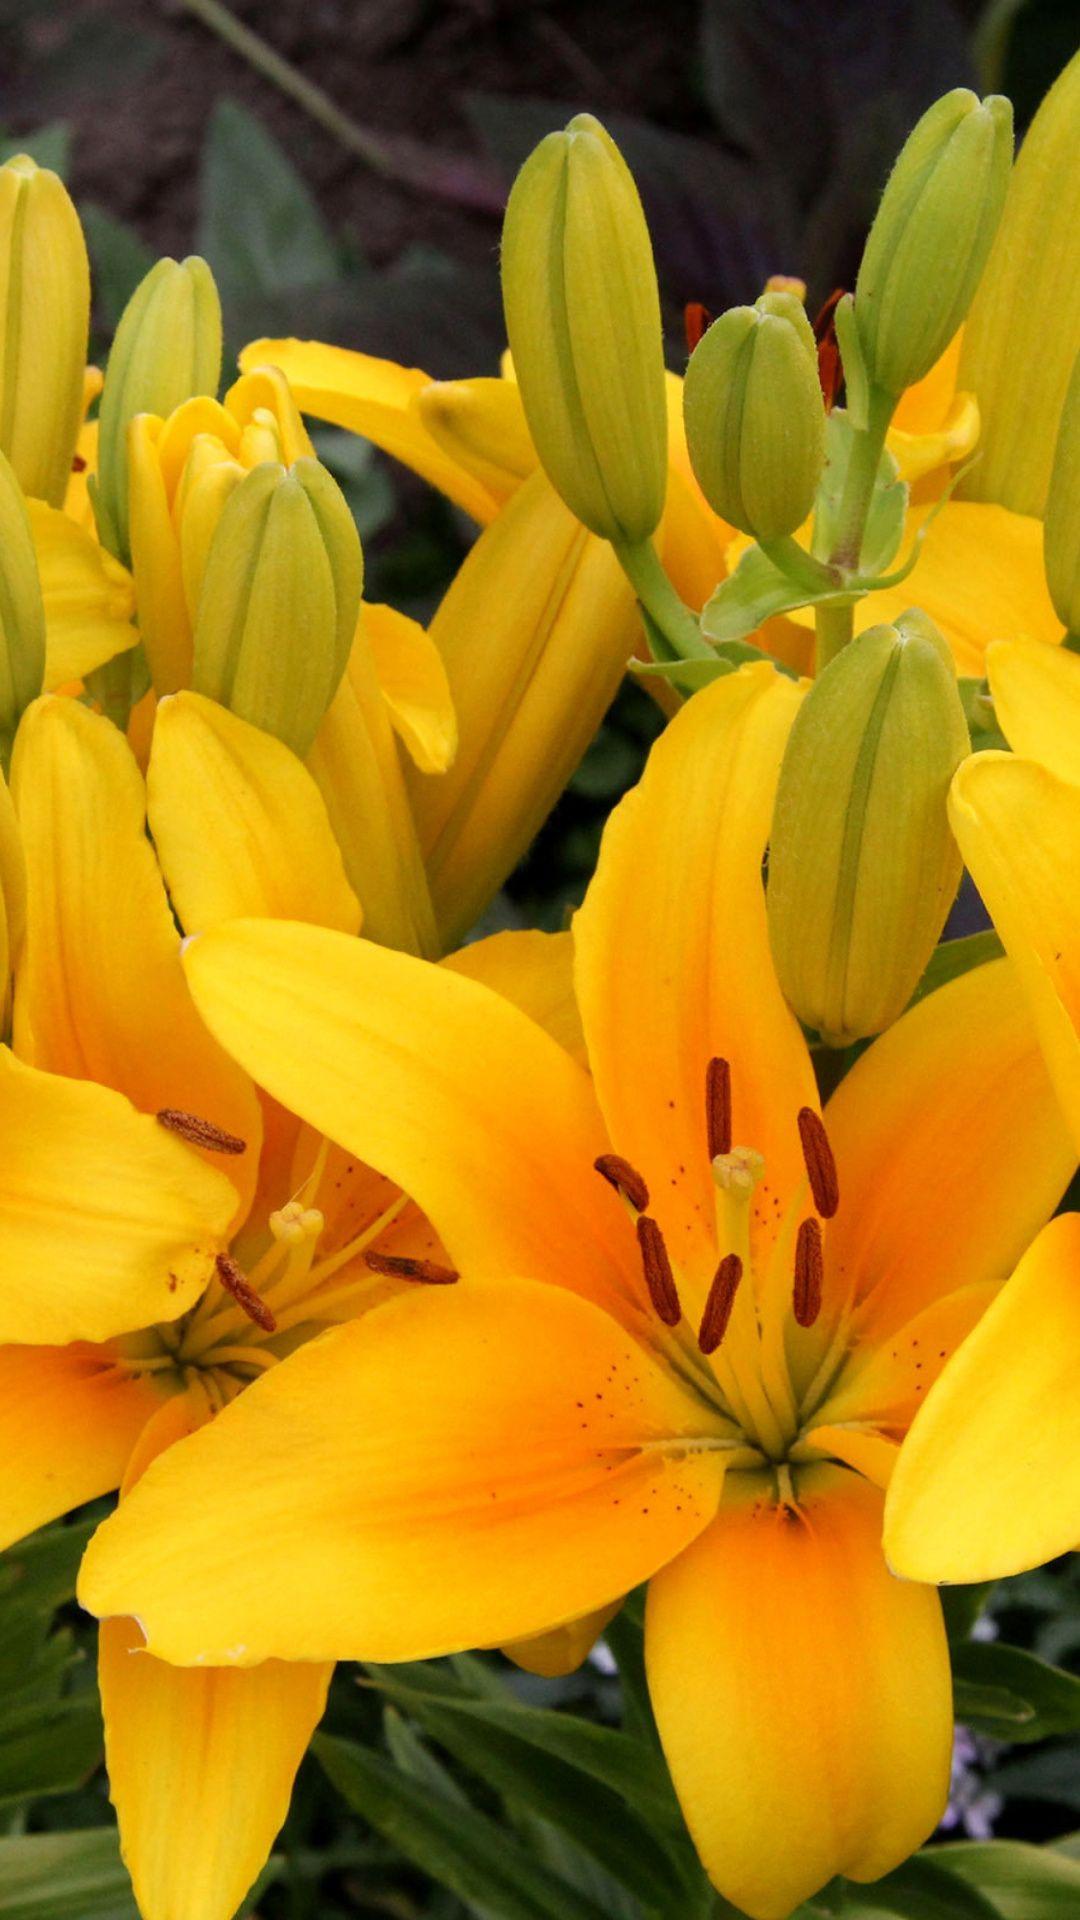 Yellow Lilies Wallpaper For Nokia Lumia